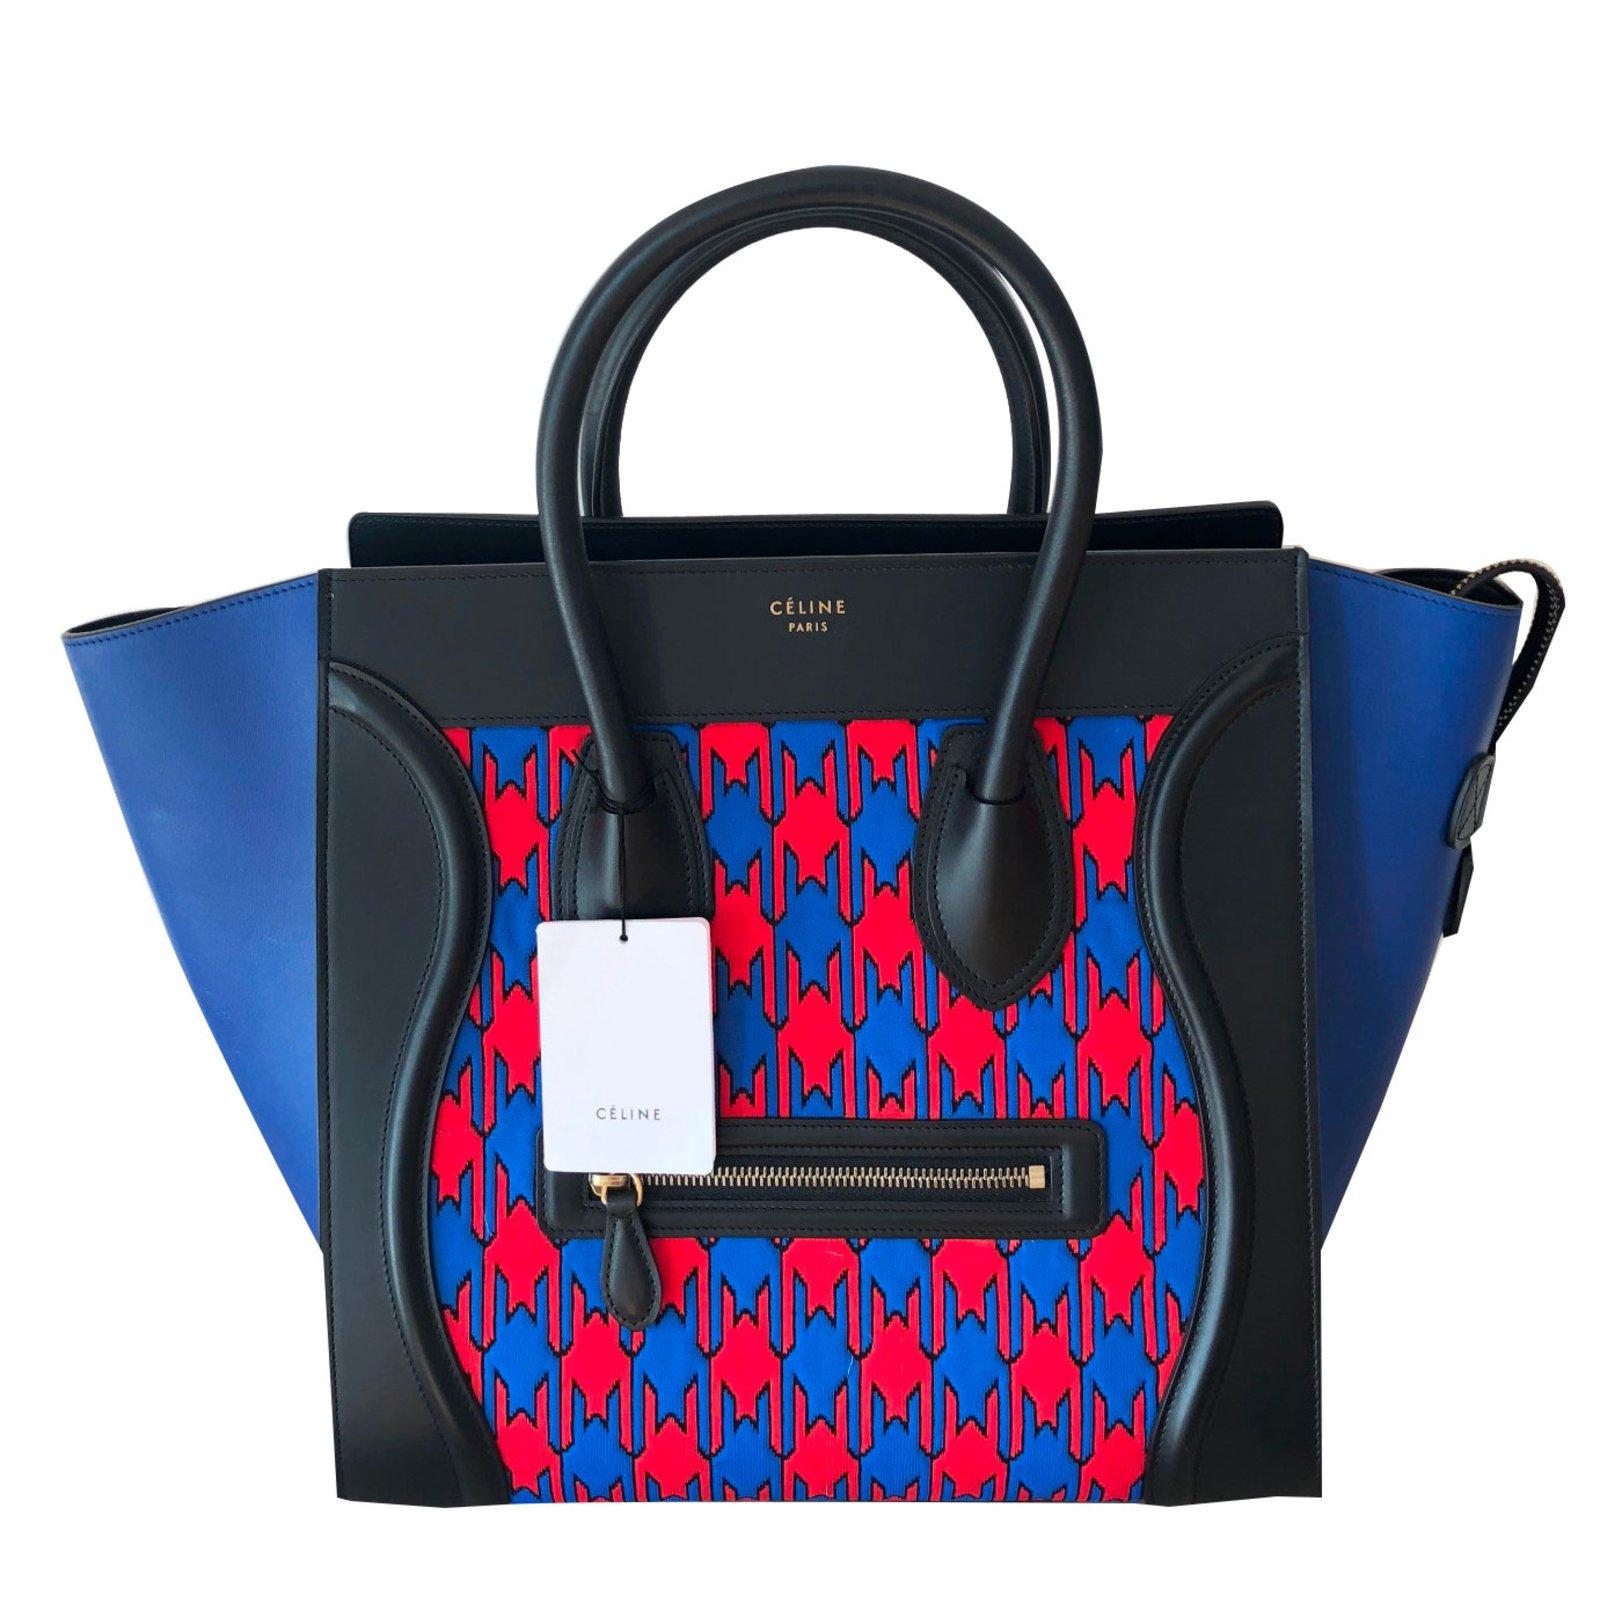 Limitée Luggage Sac Céline Sacs Cuir Bleu À 90359 Main Ref Mini Edition wIHx60AZq